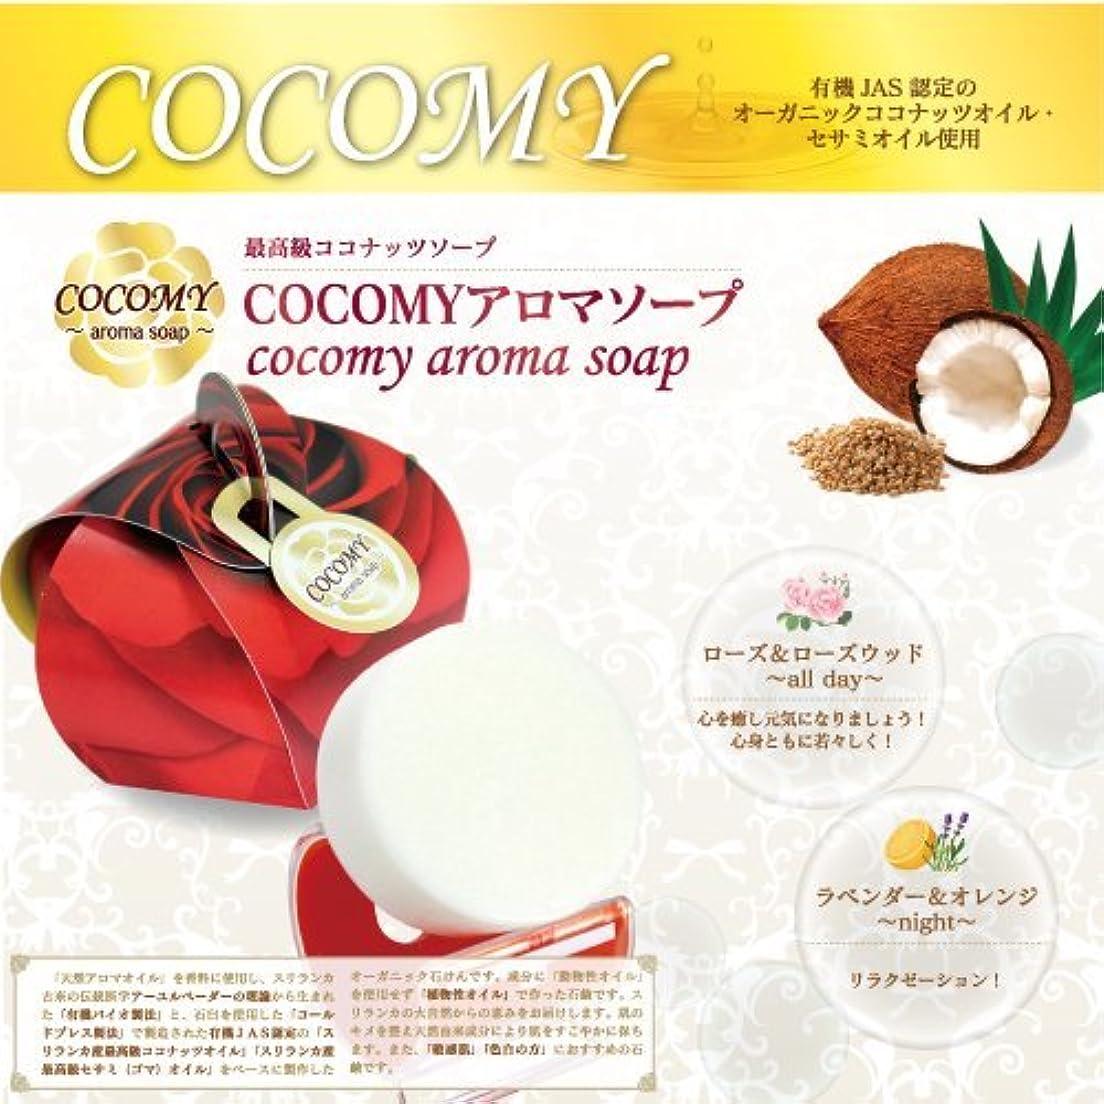 アルコーブ味付け新しい意味COCOMY aromaソープ 4個セット (ラベンダー&オレンジ)(ローズ&ローズウッド) 40g×各2